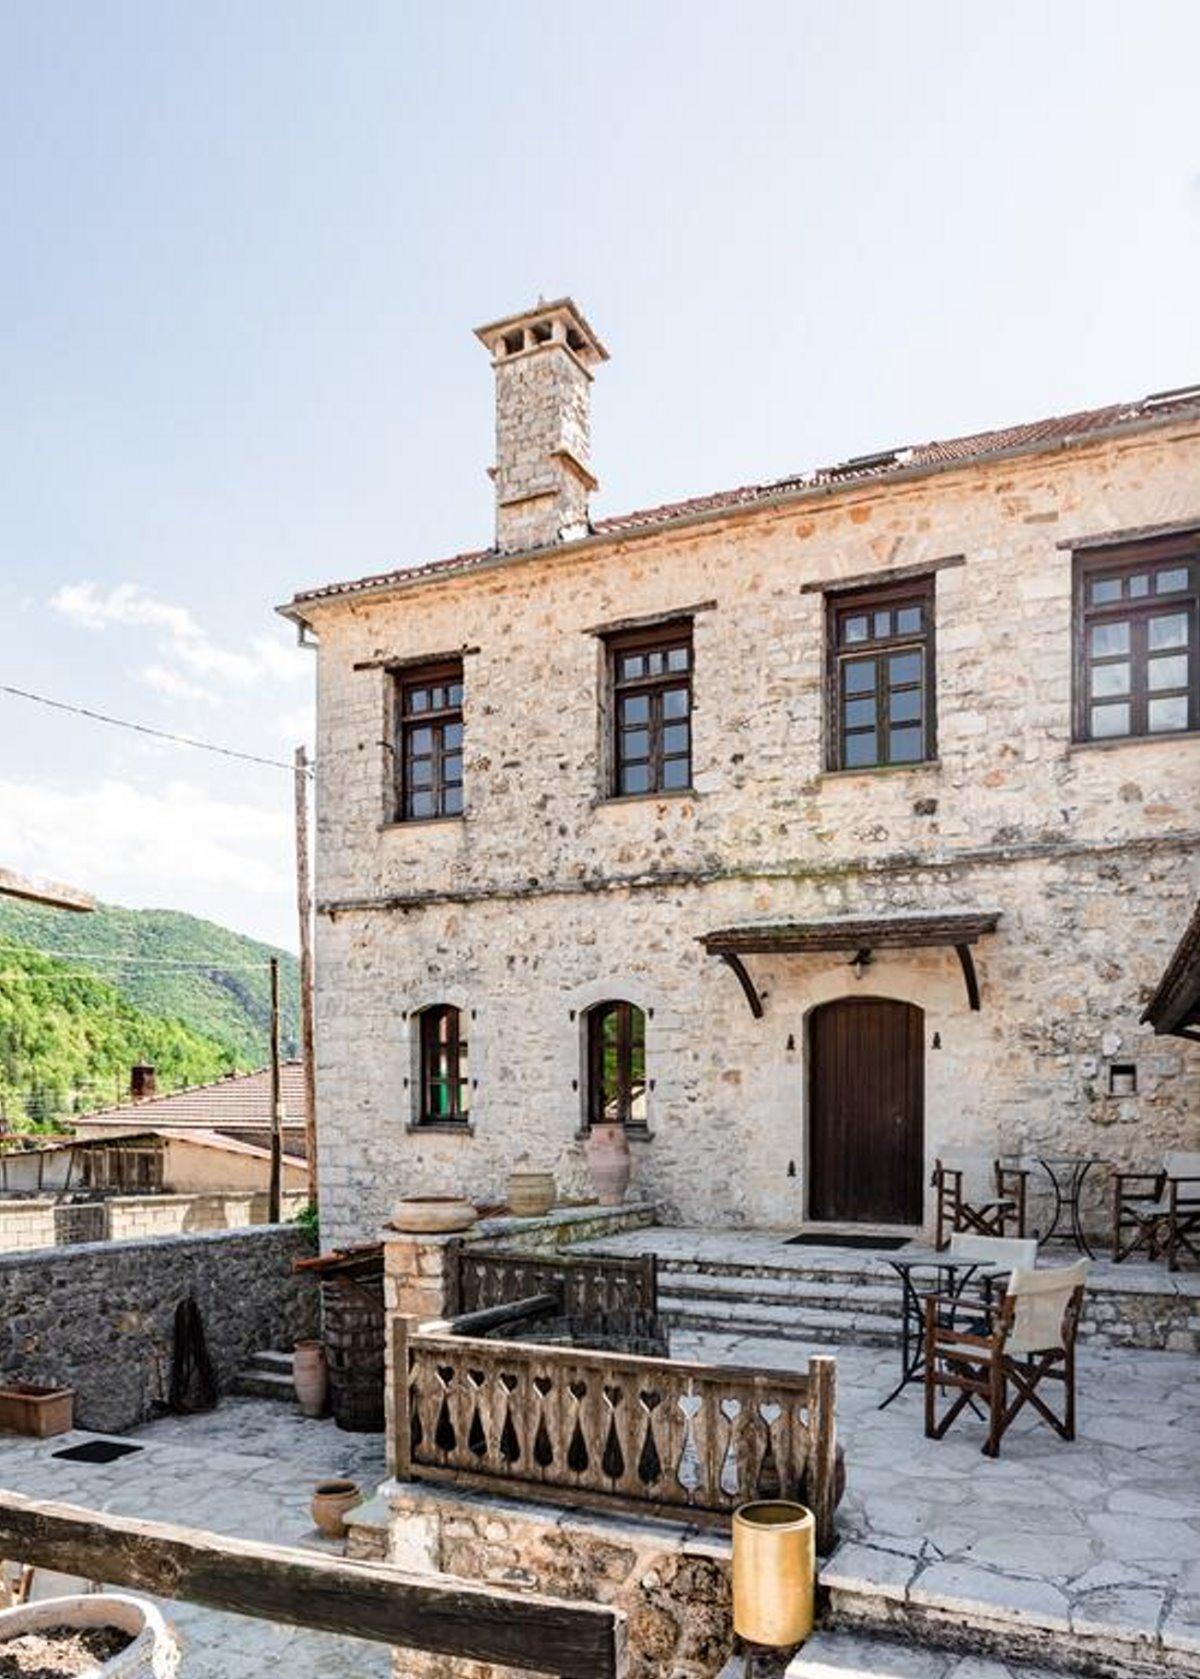 Πωγώνι ακριτικό χωριό Ηπείρου Paeonia Suites είσοδος